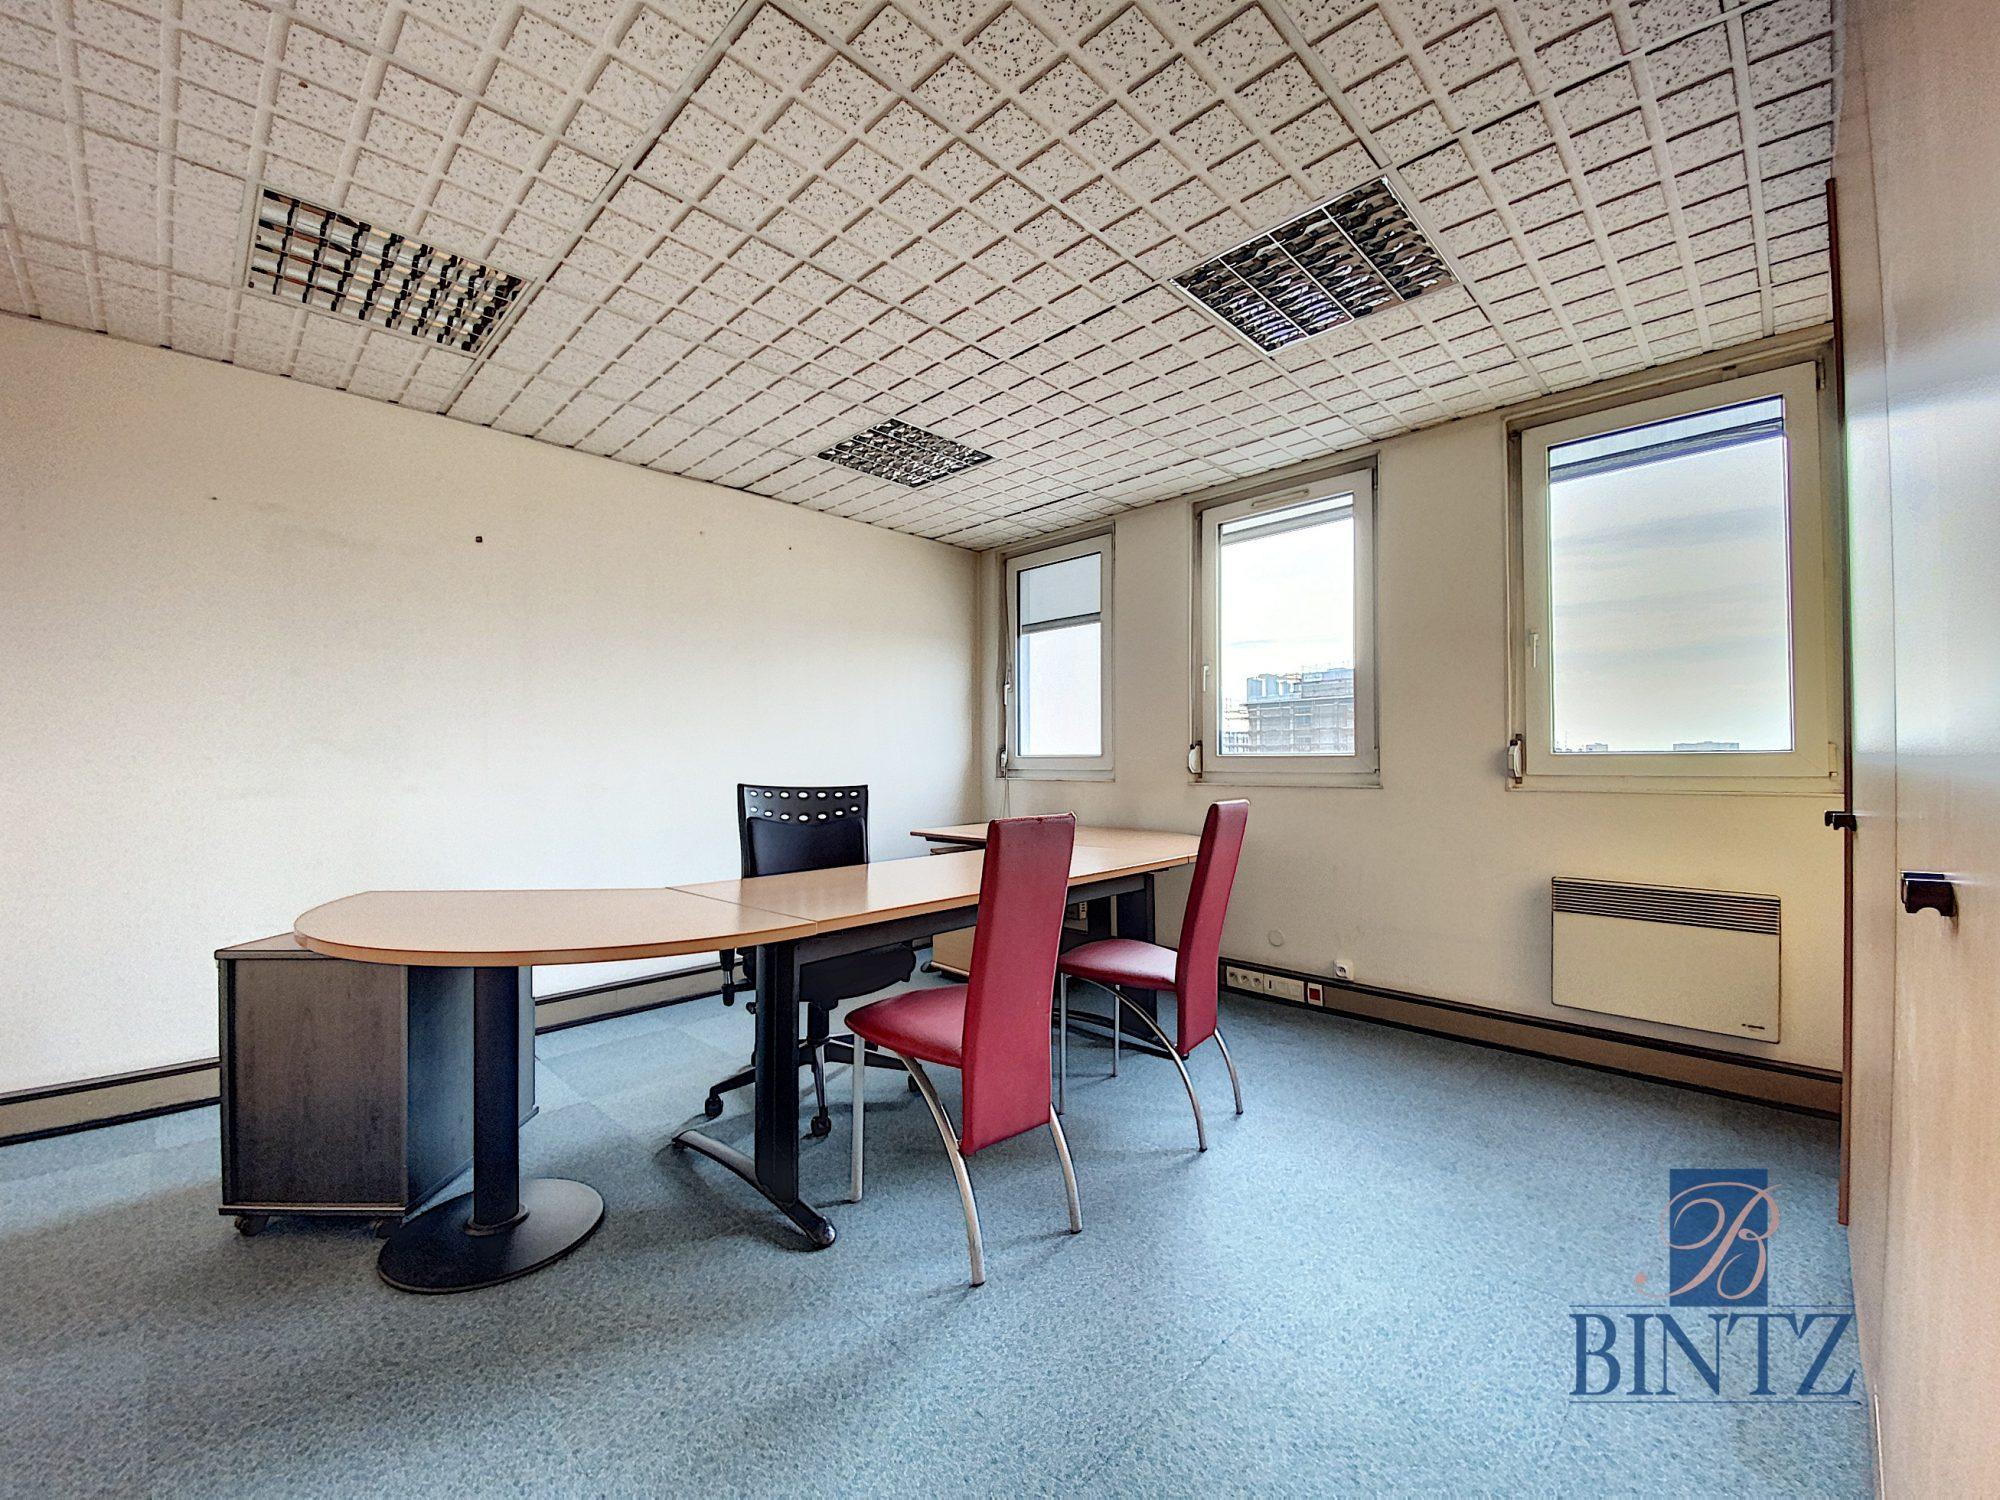 Bureaux à louer – 250m2 Quartier Fisher à Schiltigheim - Devenez locataire en toute sérénité - Bintz Immobilier - 12